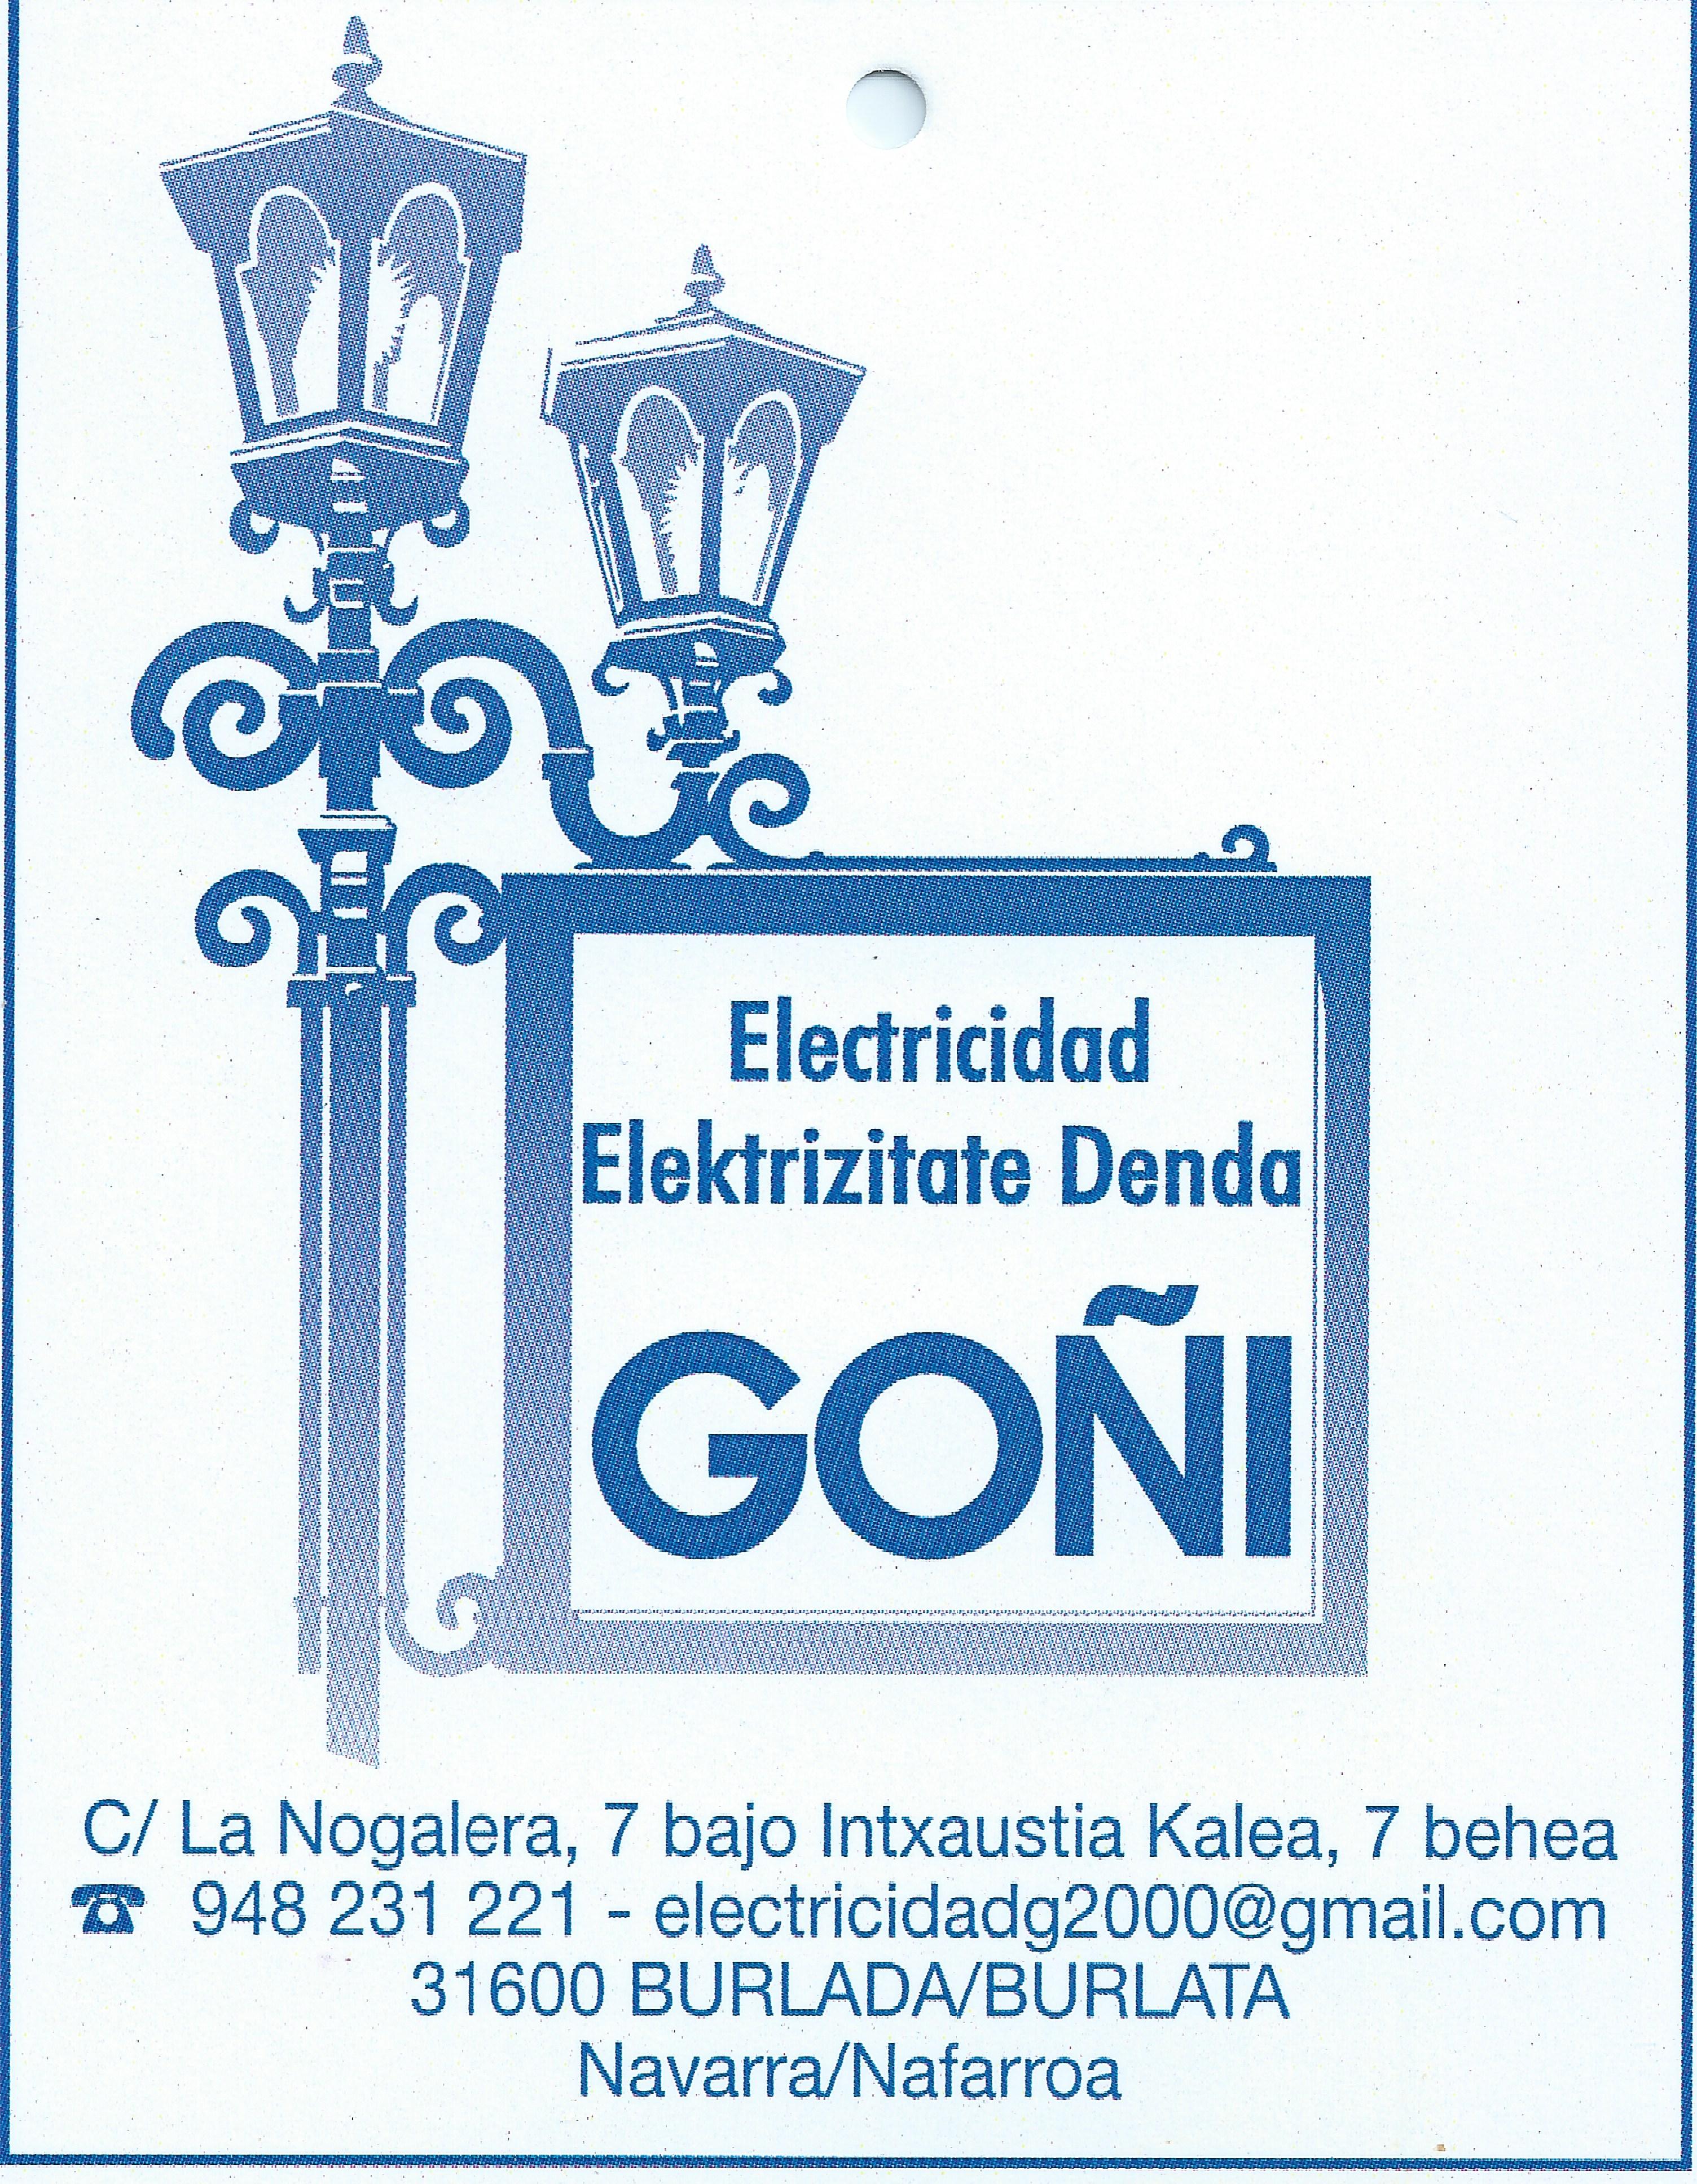 Electricidad Goñi